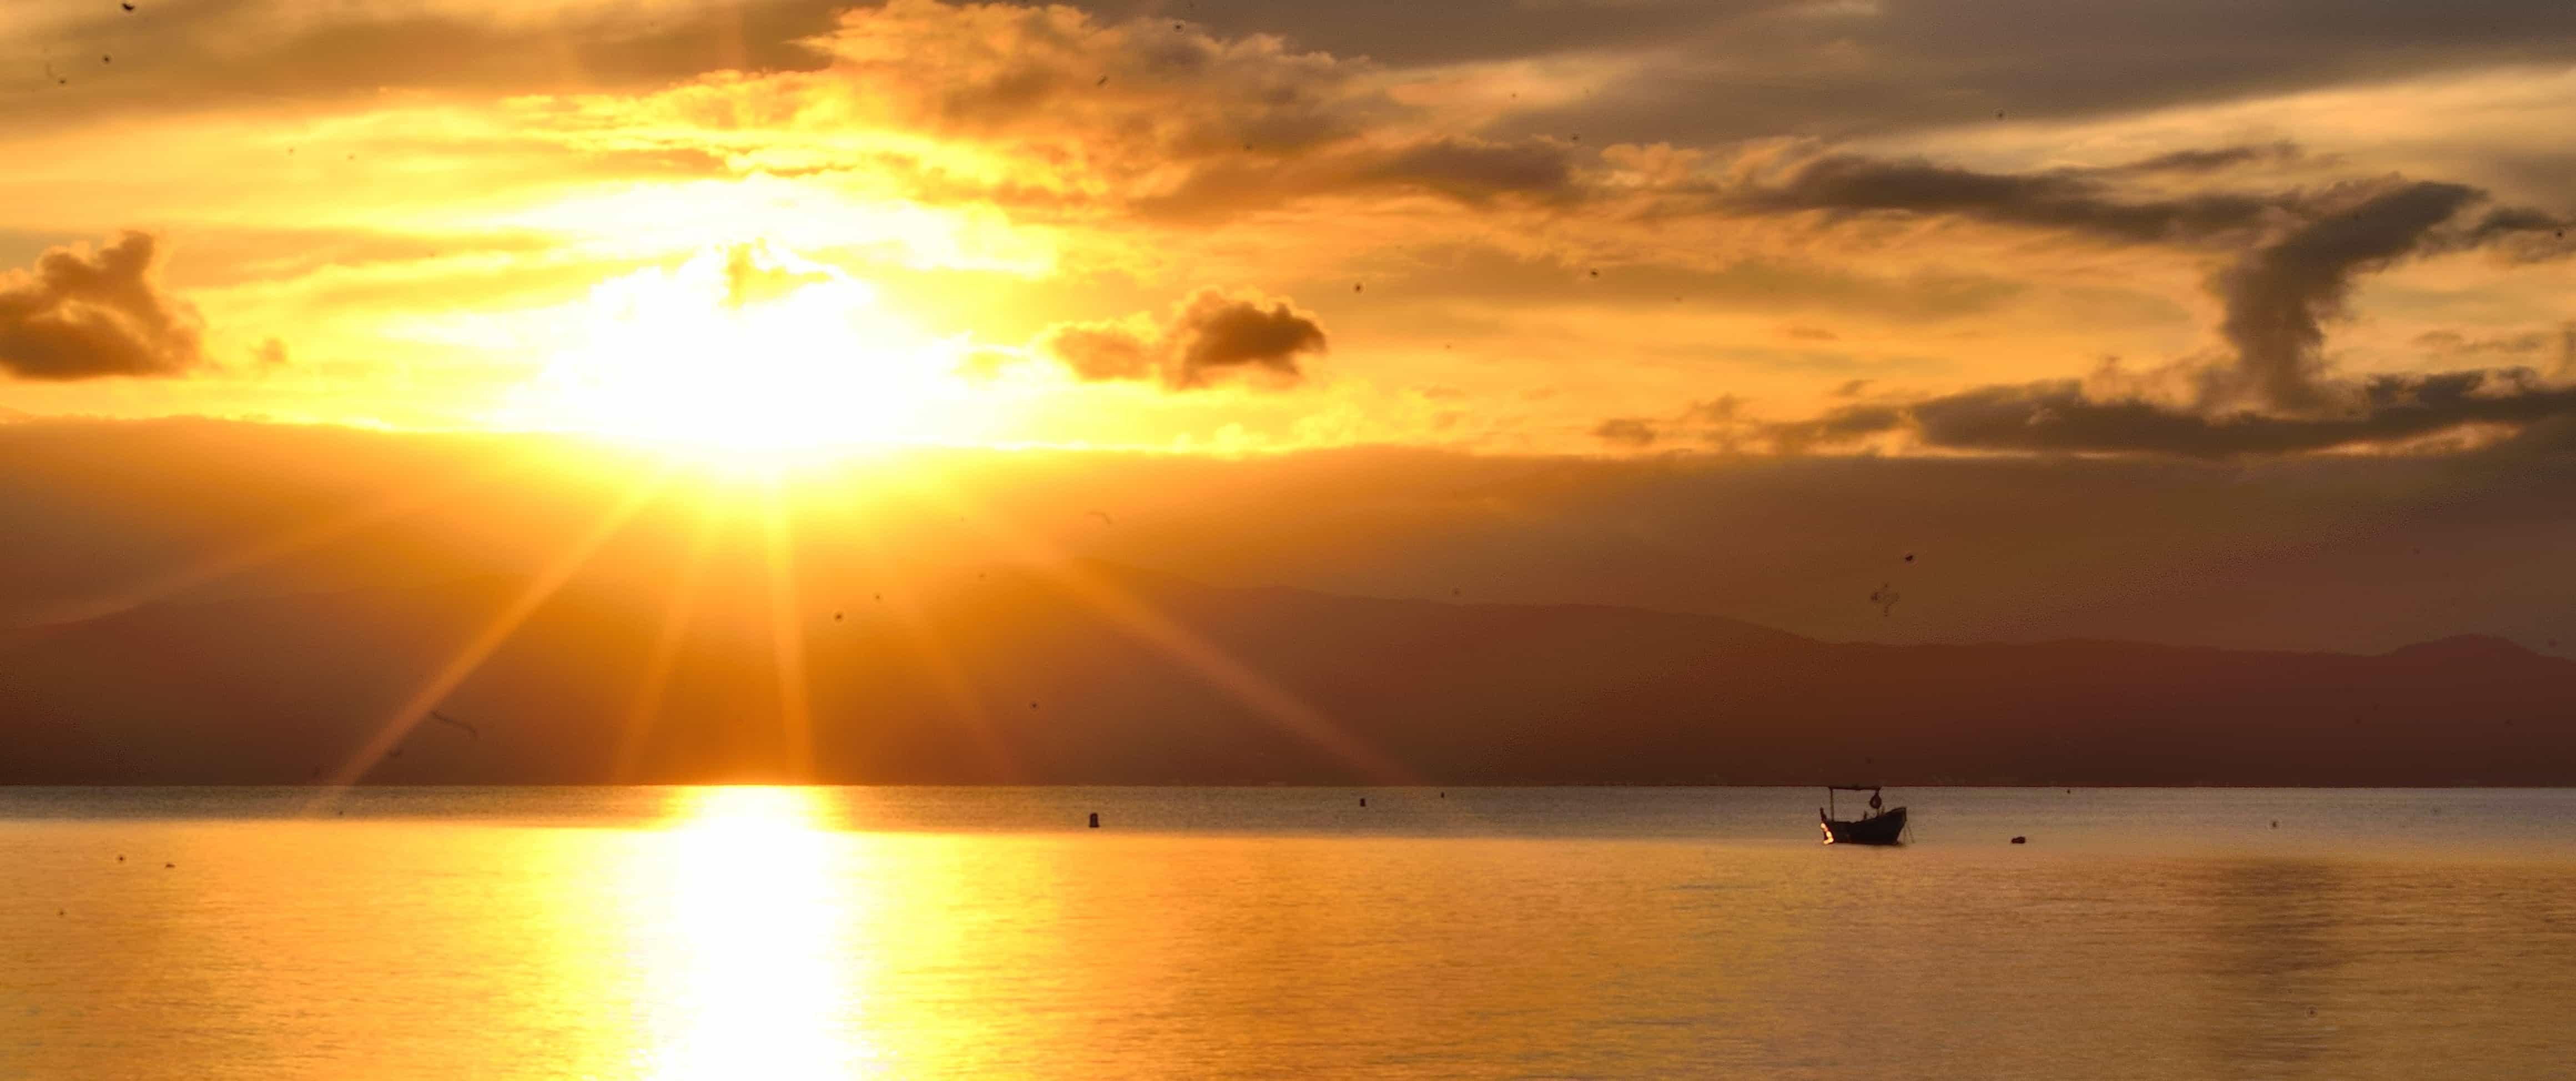 Foto gratis: sole, alba, alba, acqua, sole, mare, spiaggia ...